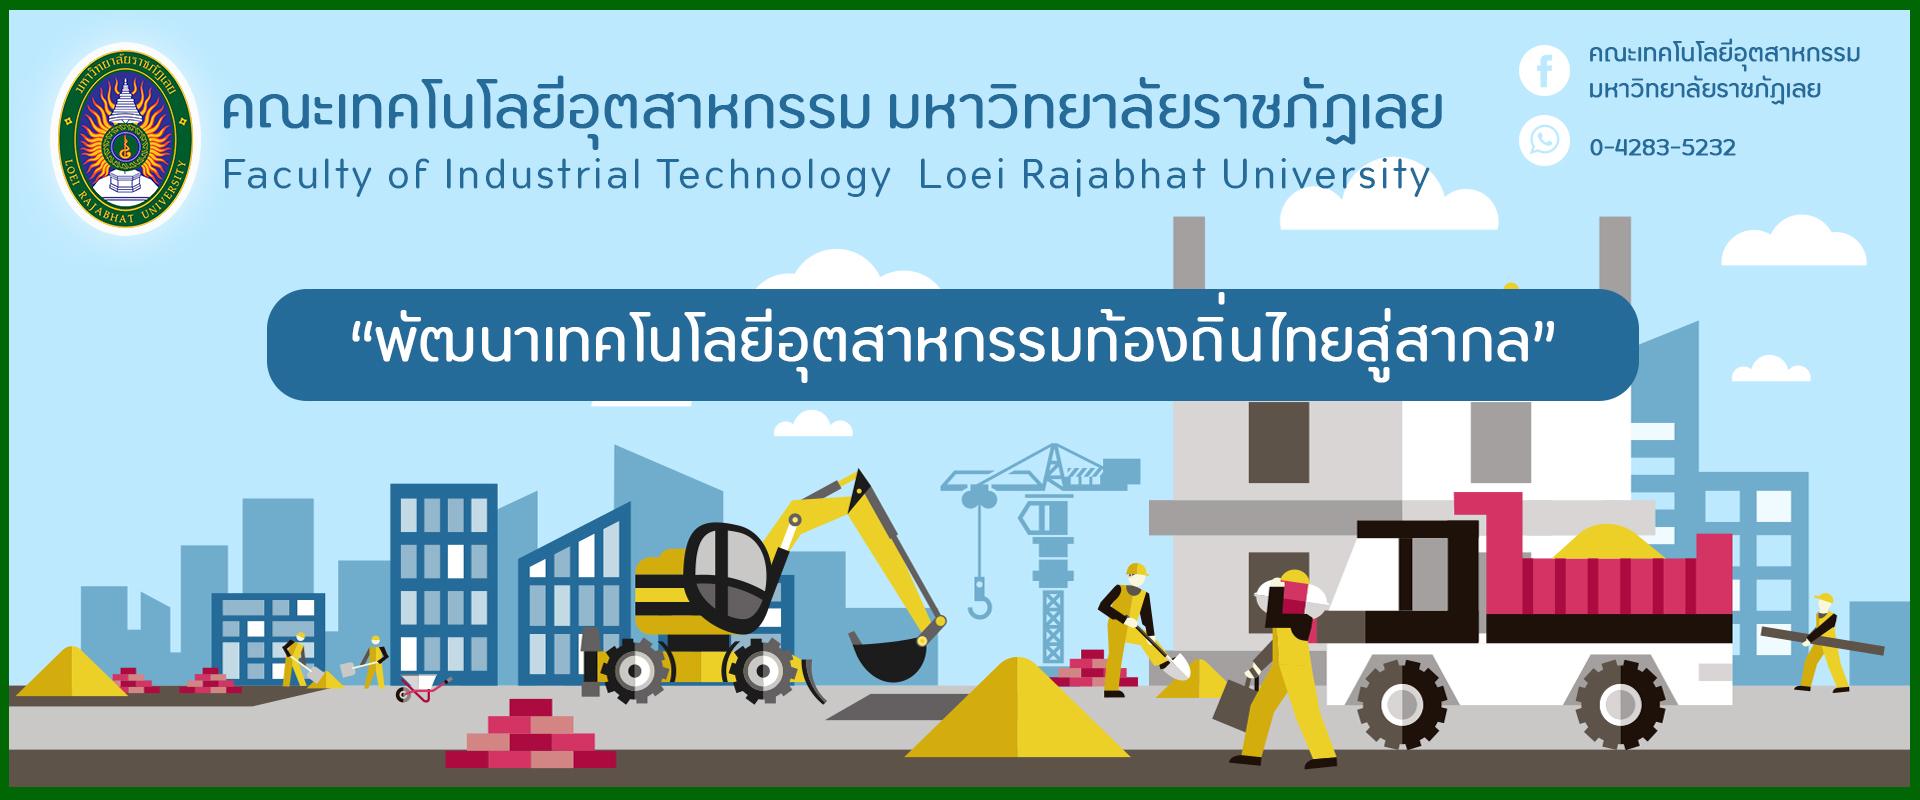 คณะเทคโนโลยีอุตสาหกรรม มหาวิทยาลัยราชภัฏเลย | IDTECH LRU